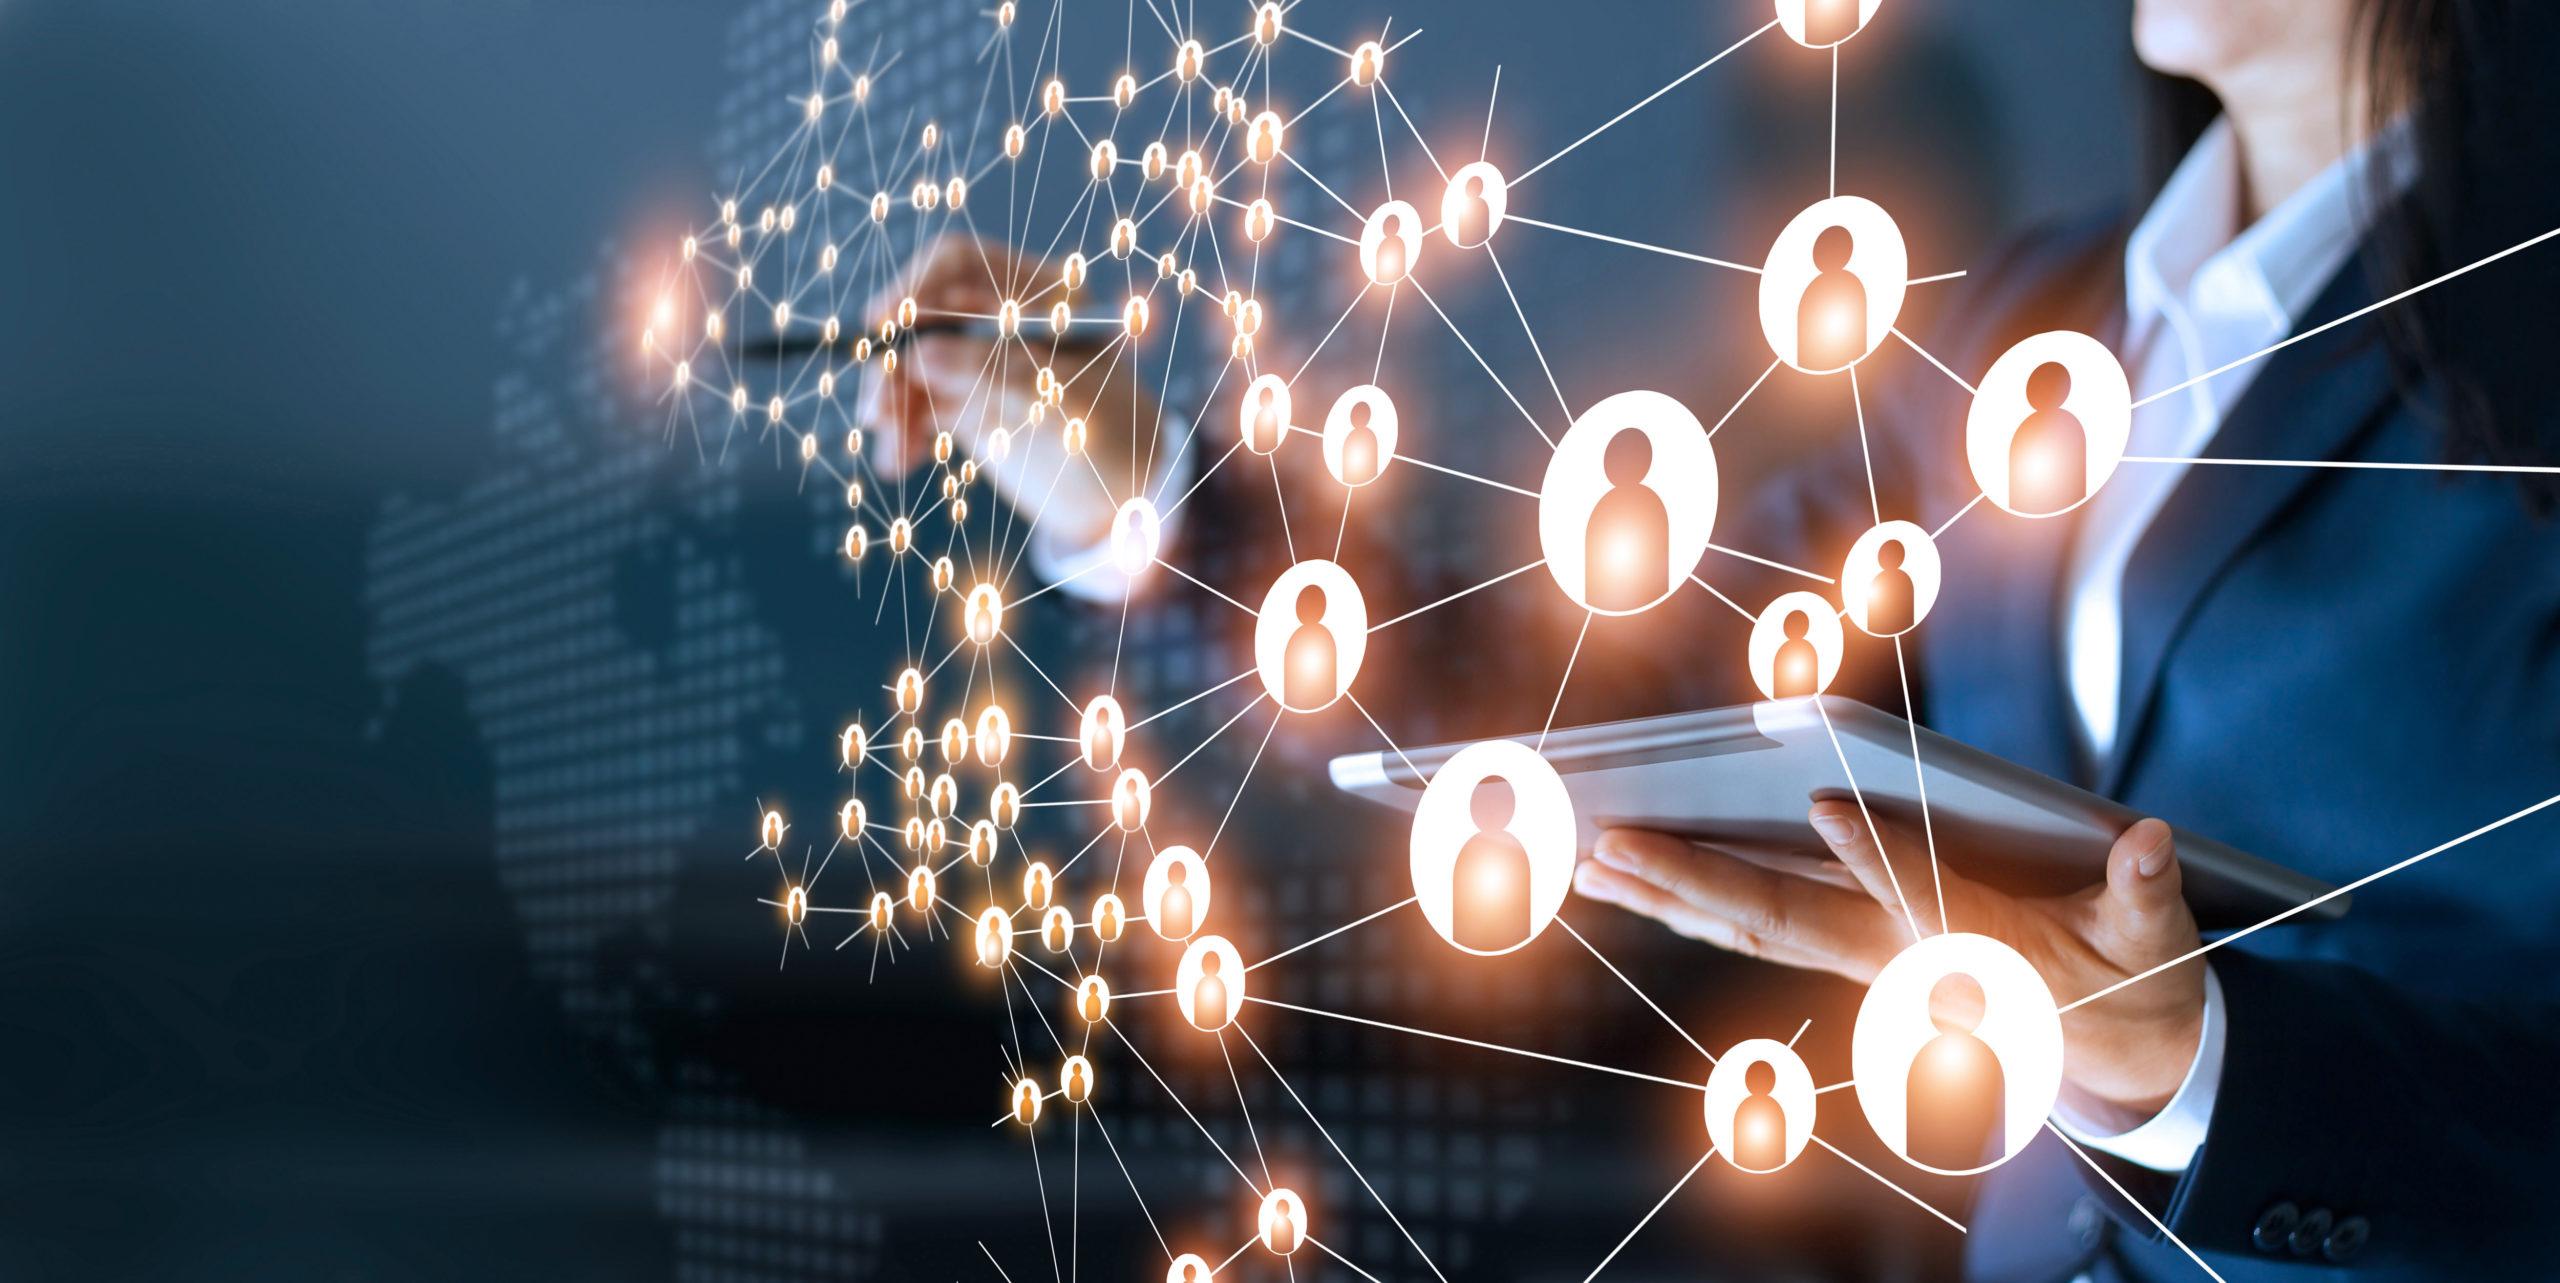 Коммуникационная стратегия: как выстроить эффективное общение с клиентами?